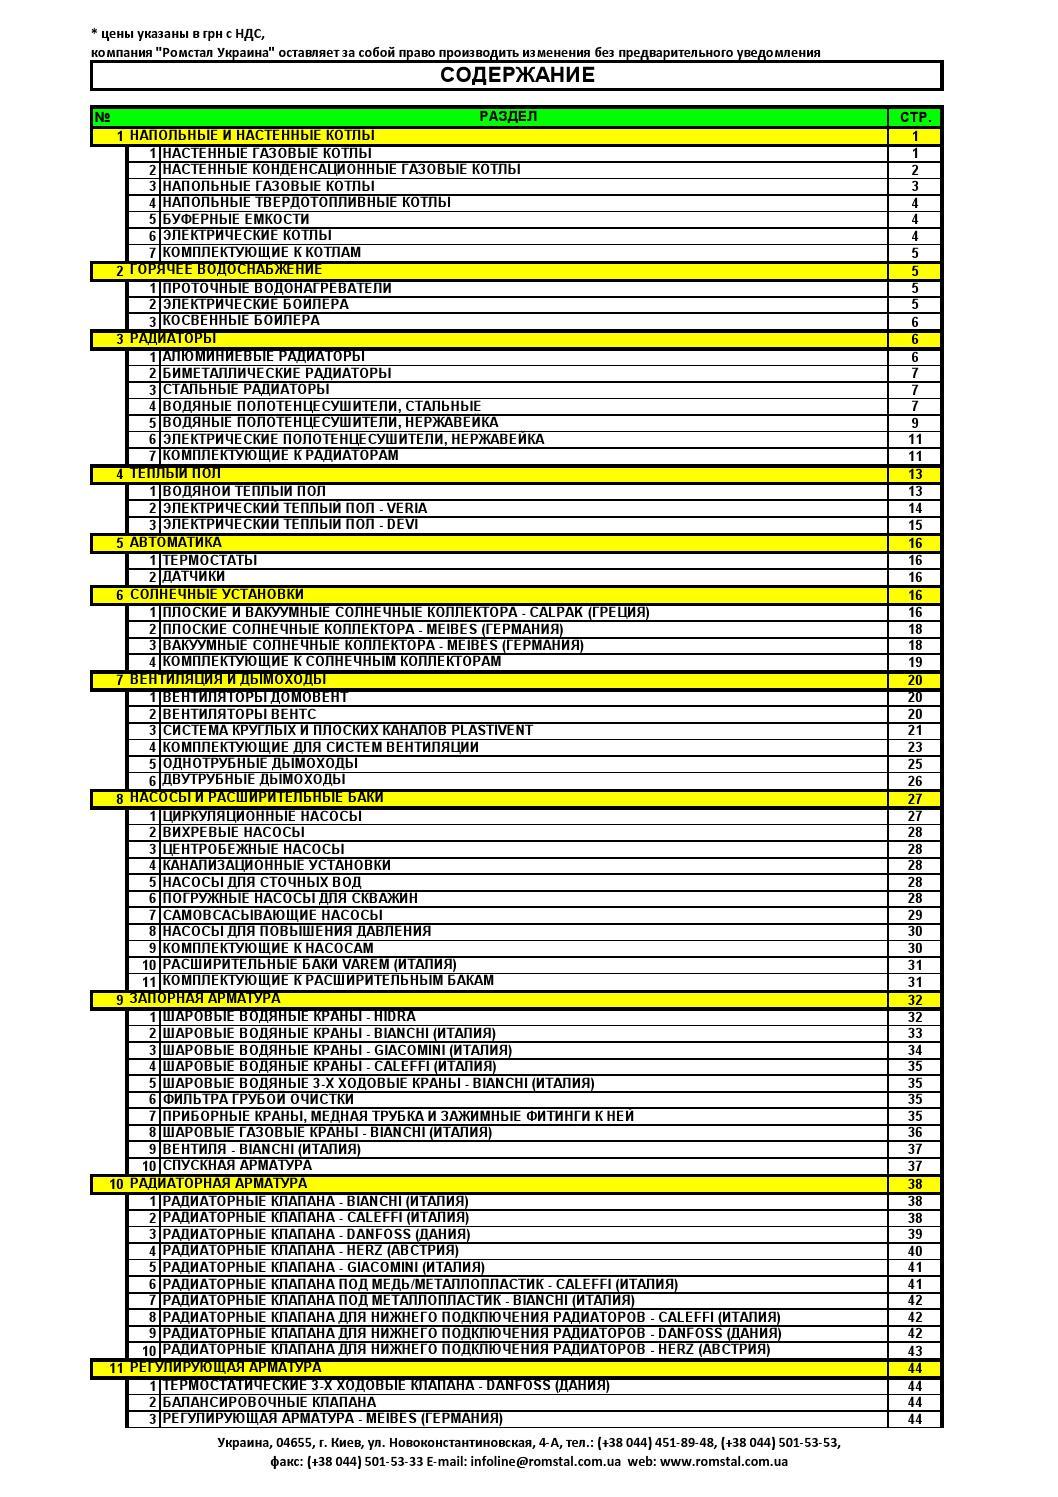 Кожухотрубный испаритель ONDA LPE 860 Минеральные Воды Пластины теплообменника Машимпэкс (GEA) VT80 Мурманск